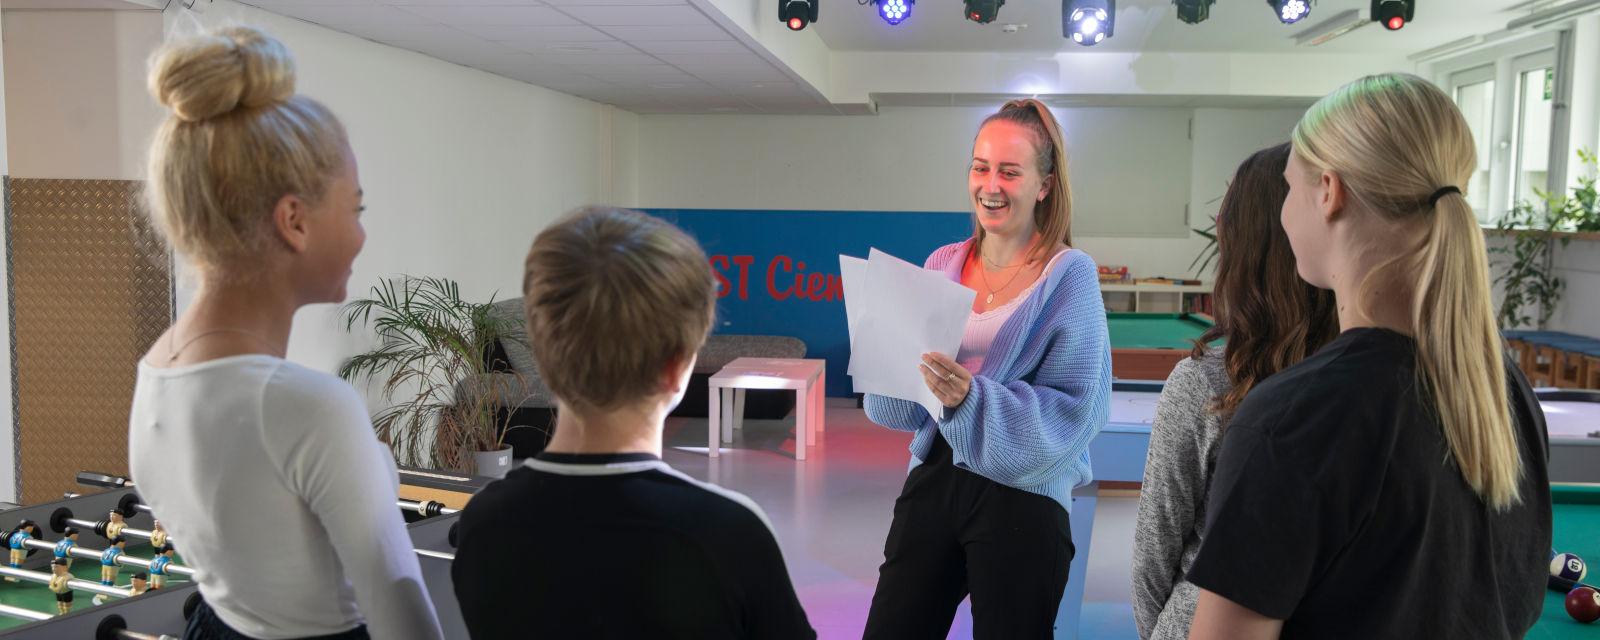 Praktikantin im Gespräch mit Jugendlichen